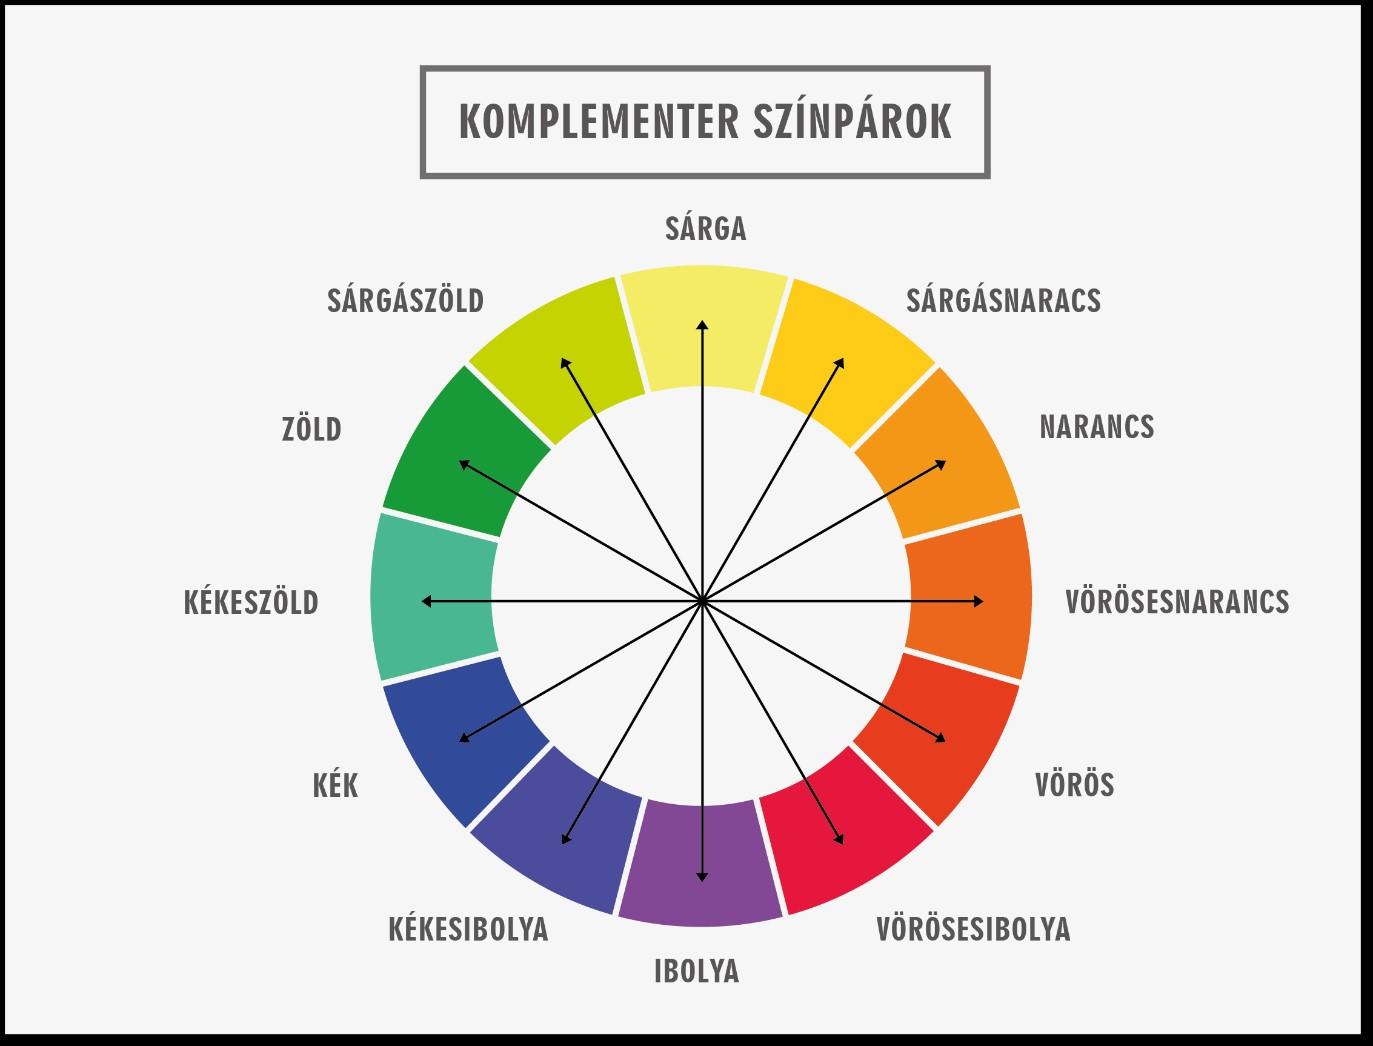 Komplementer színpárok